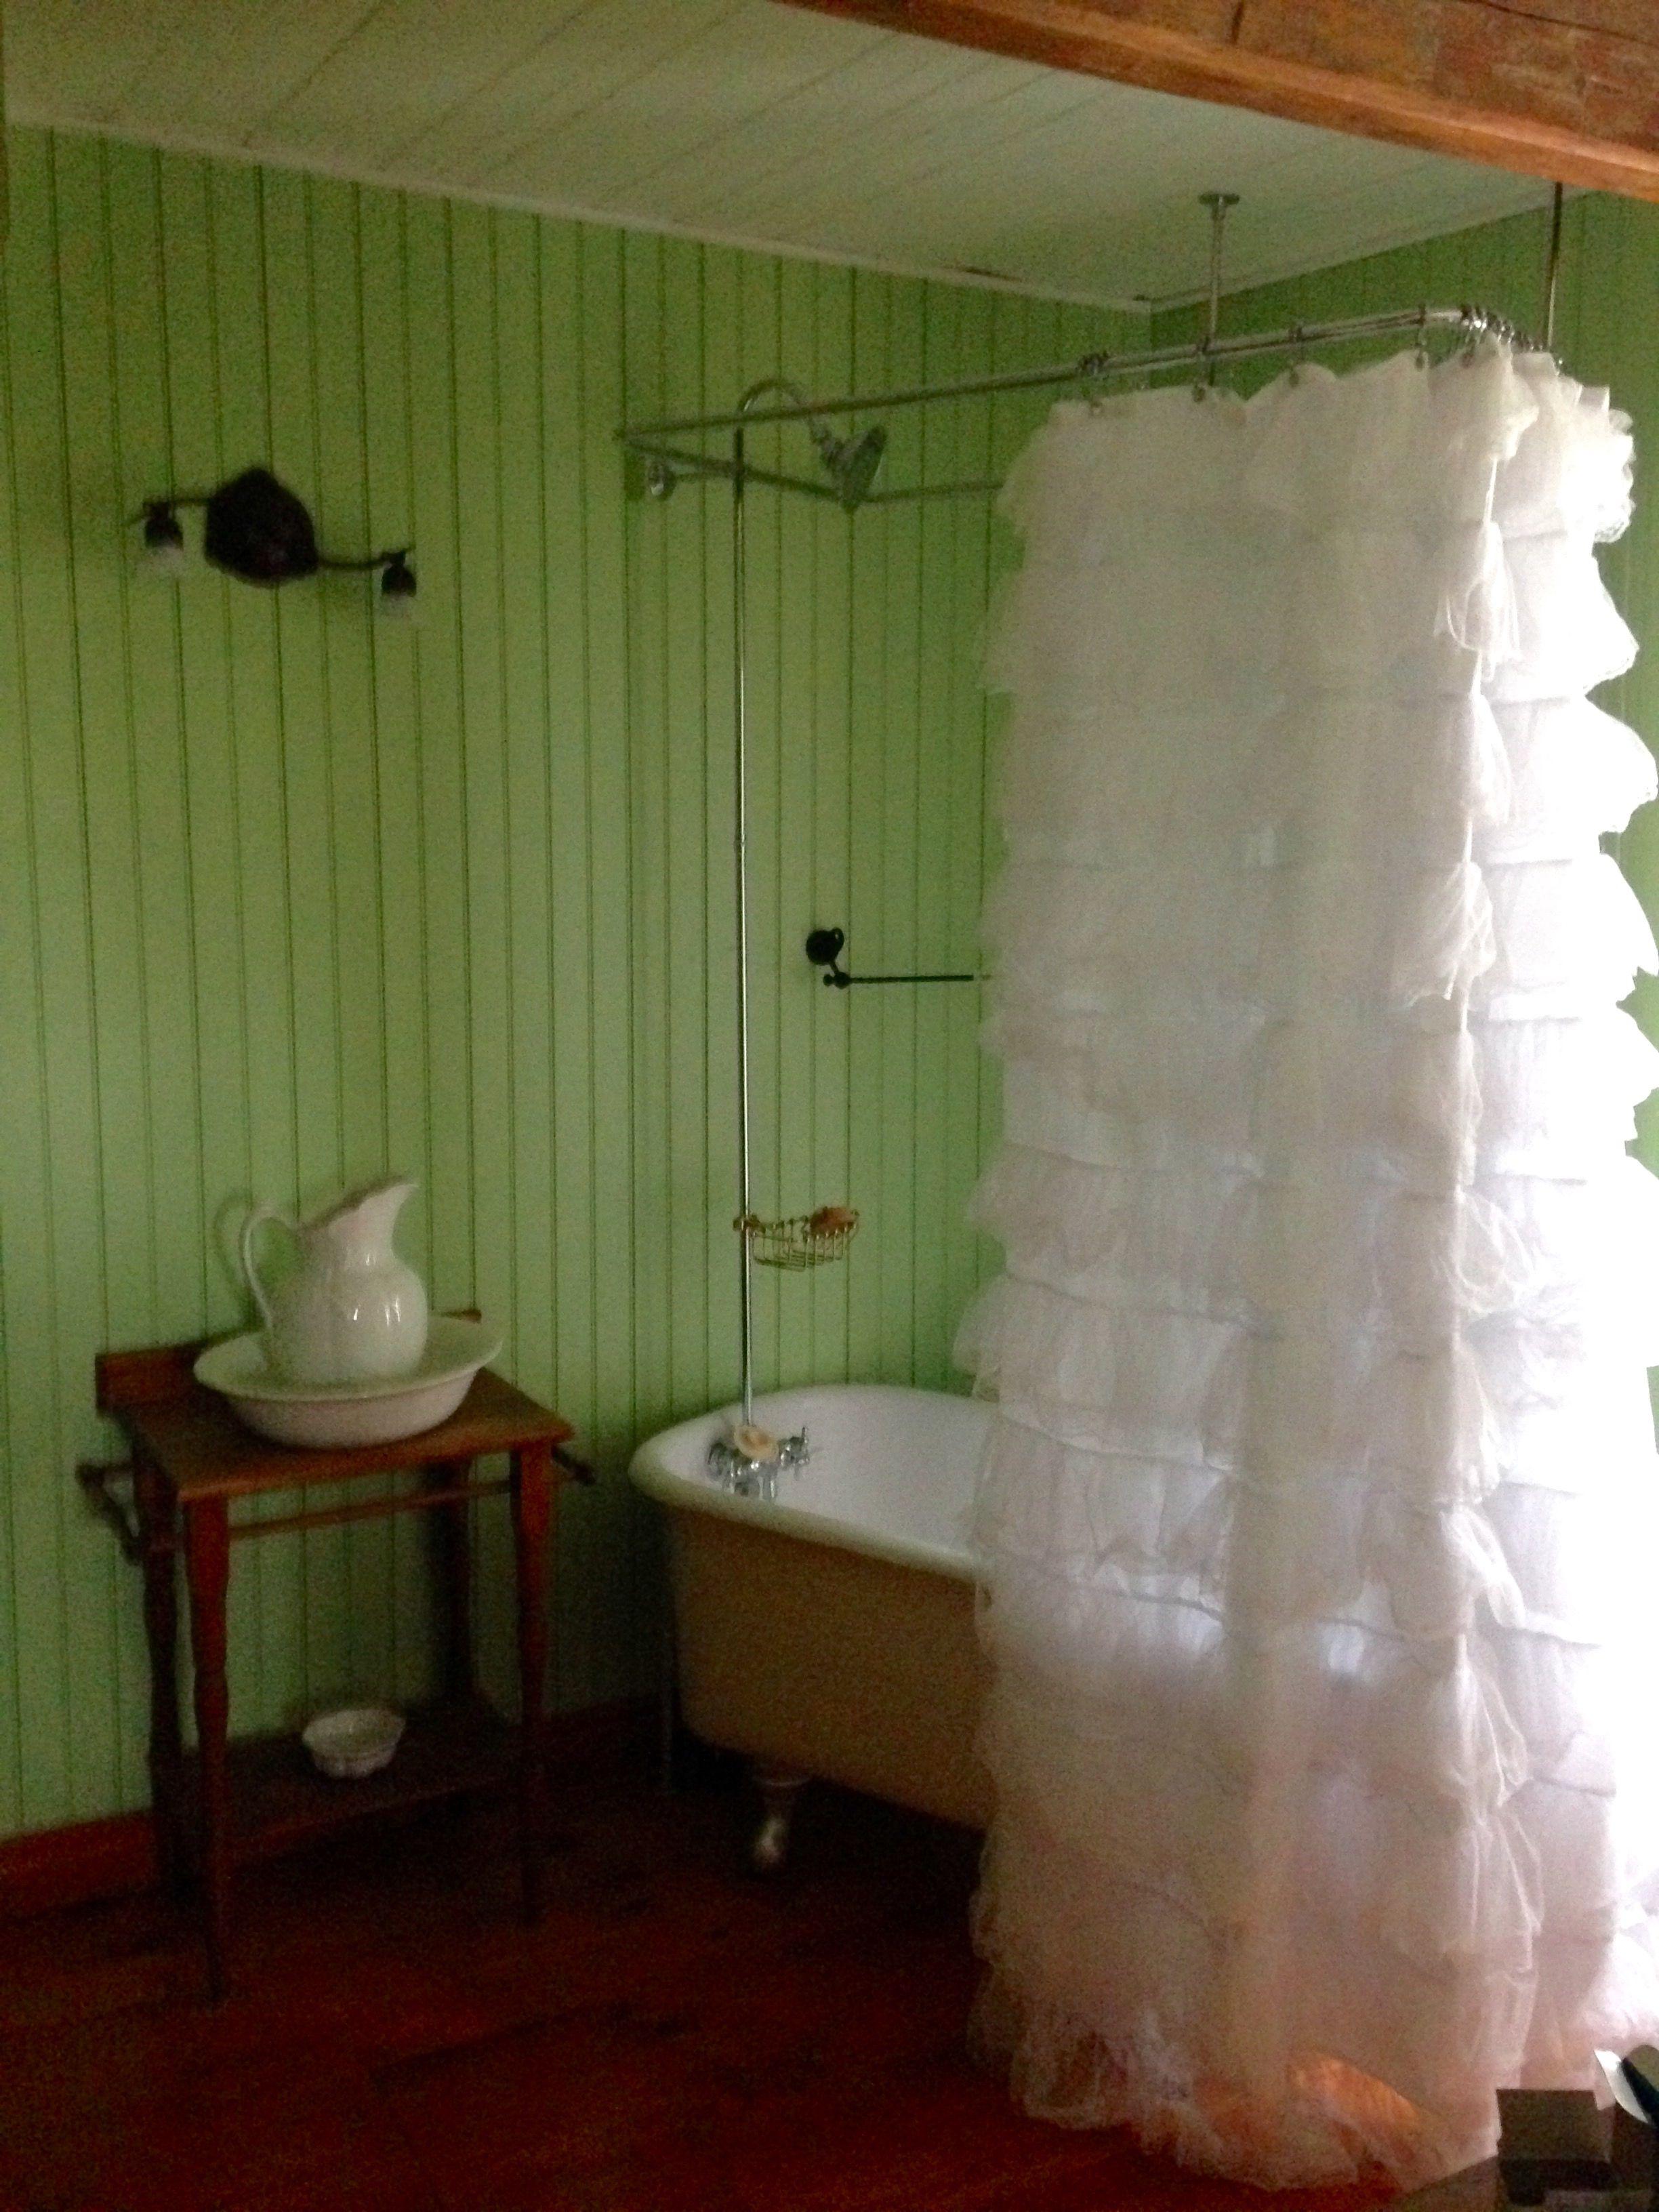 Magasin Salle De Bain Valenciennes ~ salle de bain de maison ancestrale restaur e l ancienne avec bain